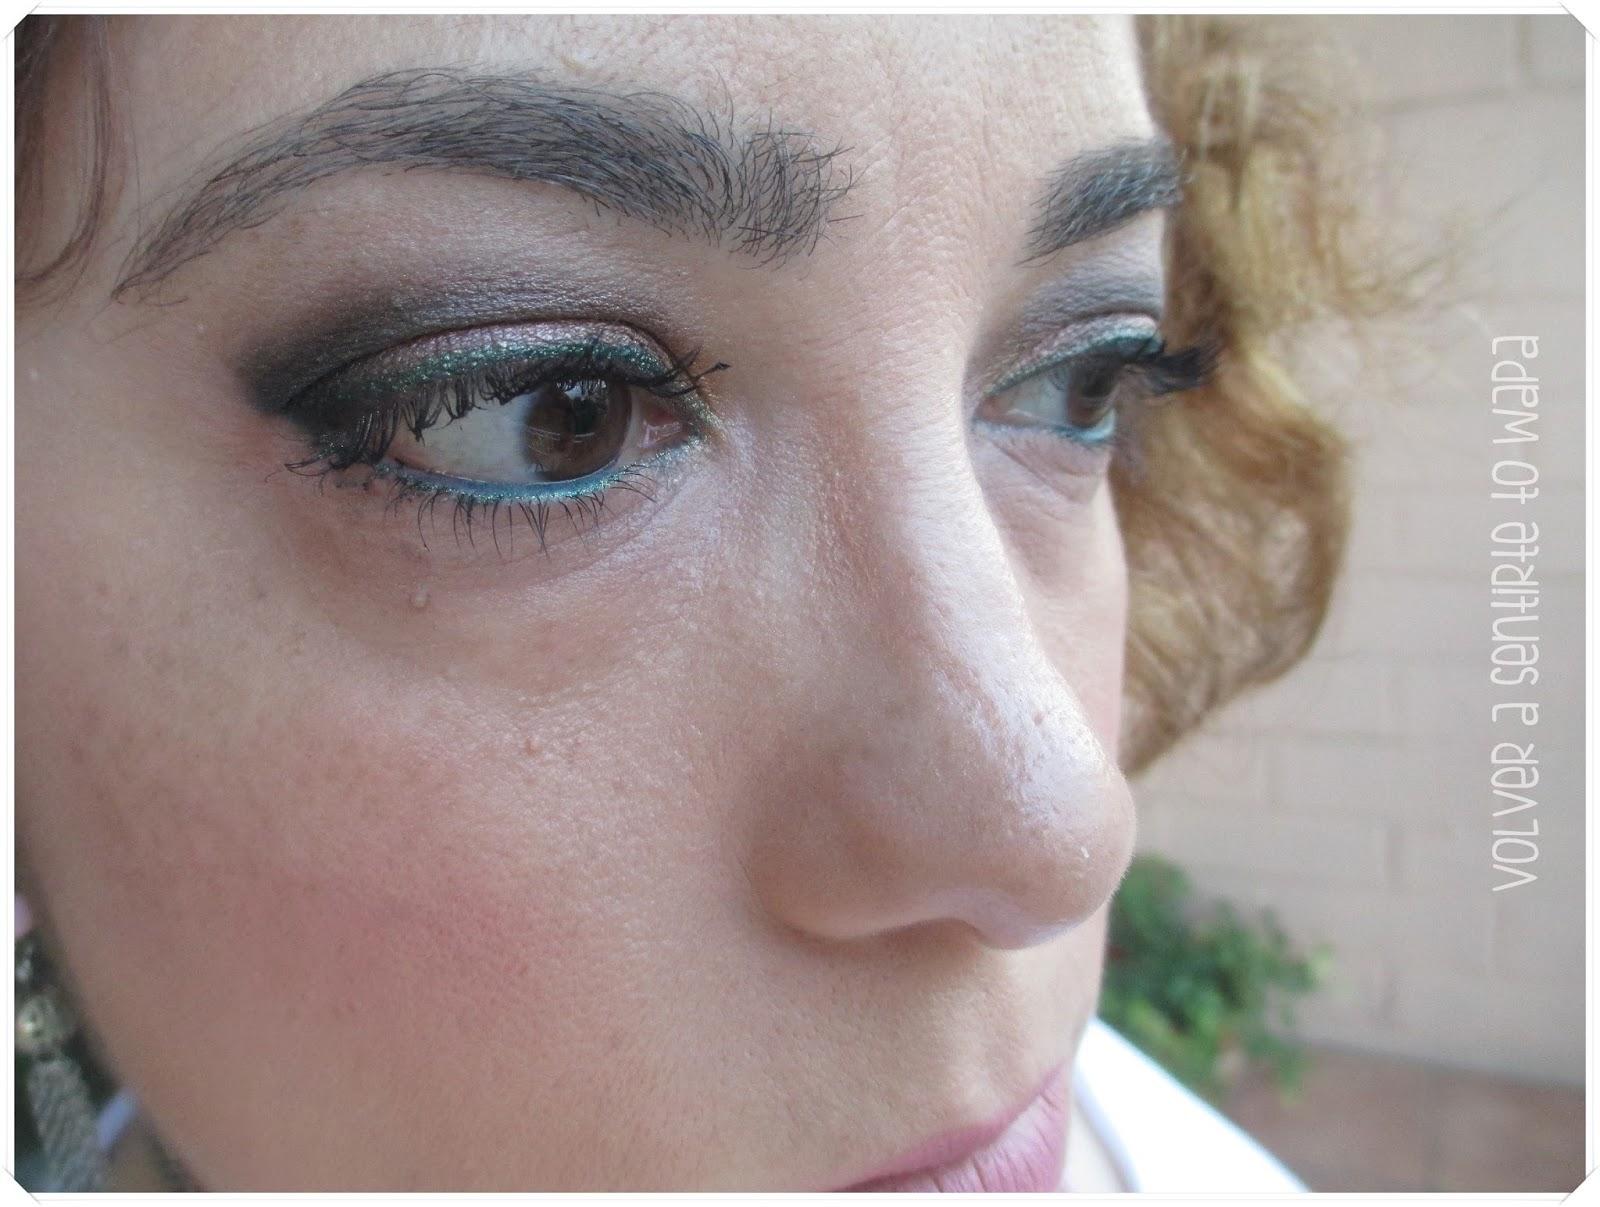 Maquillaje con ojos marcados y Snob en los labios